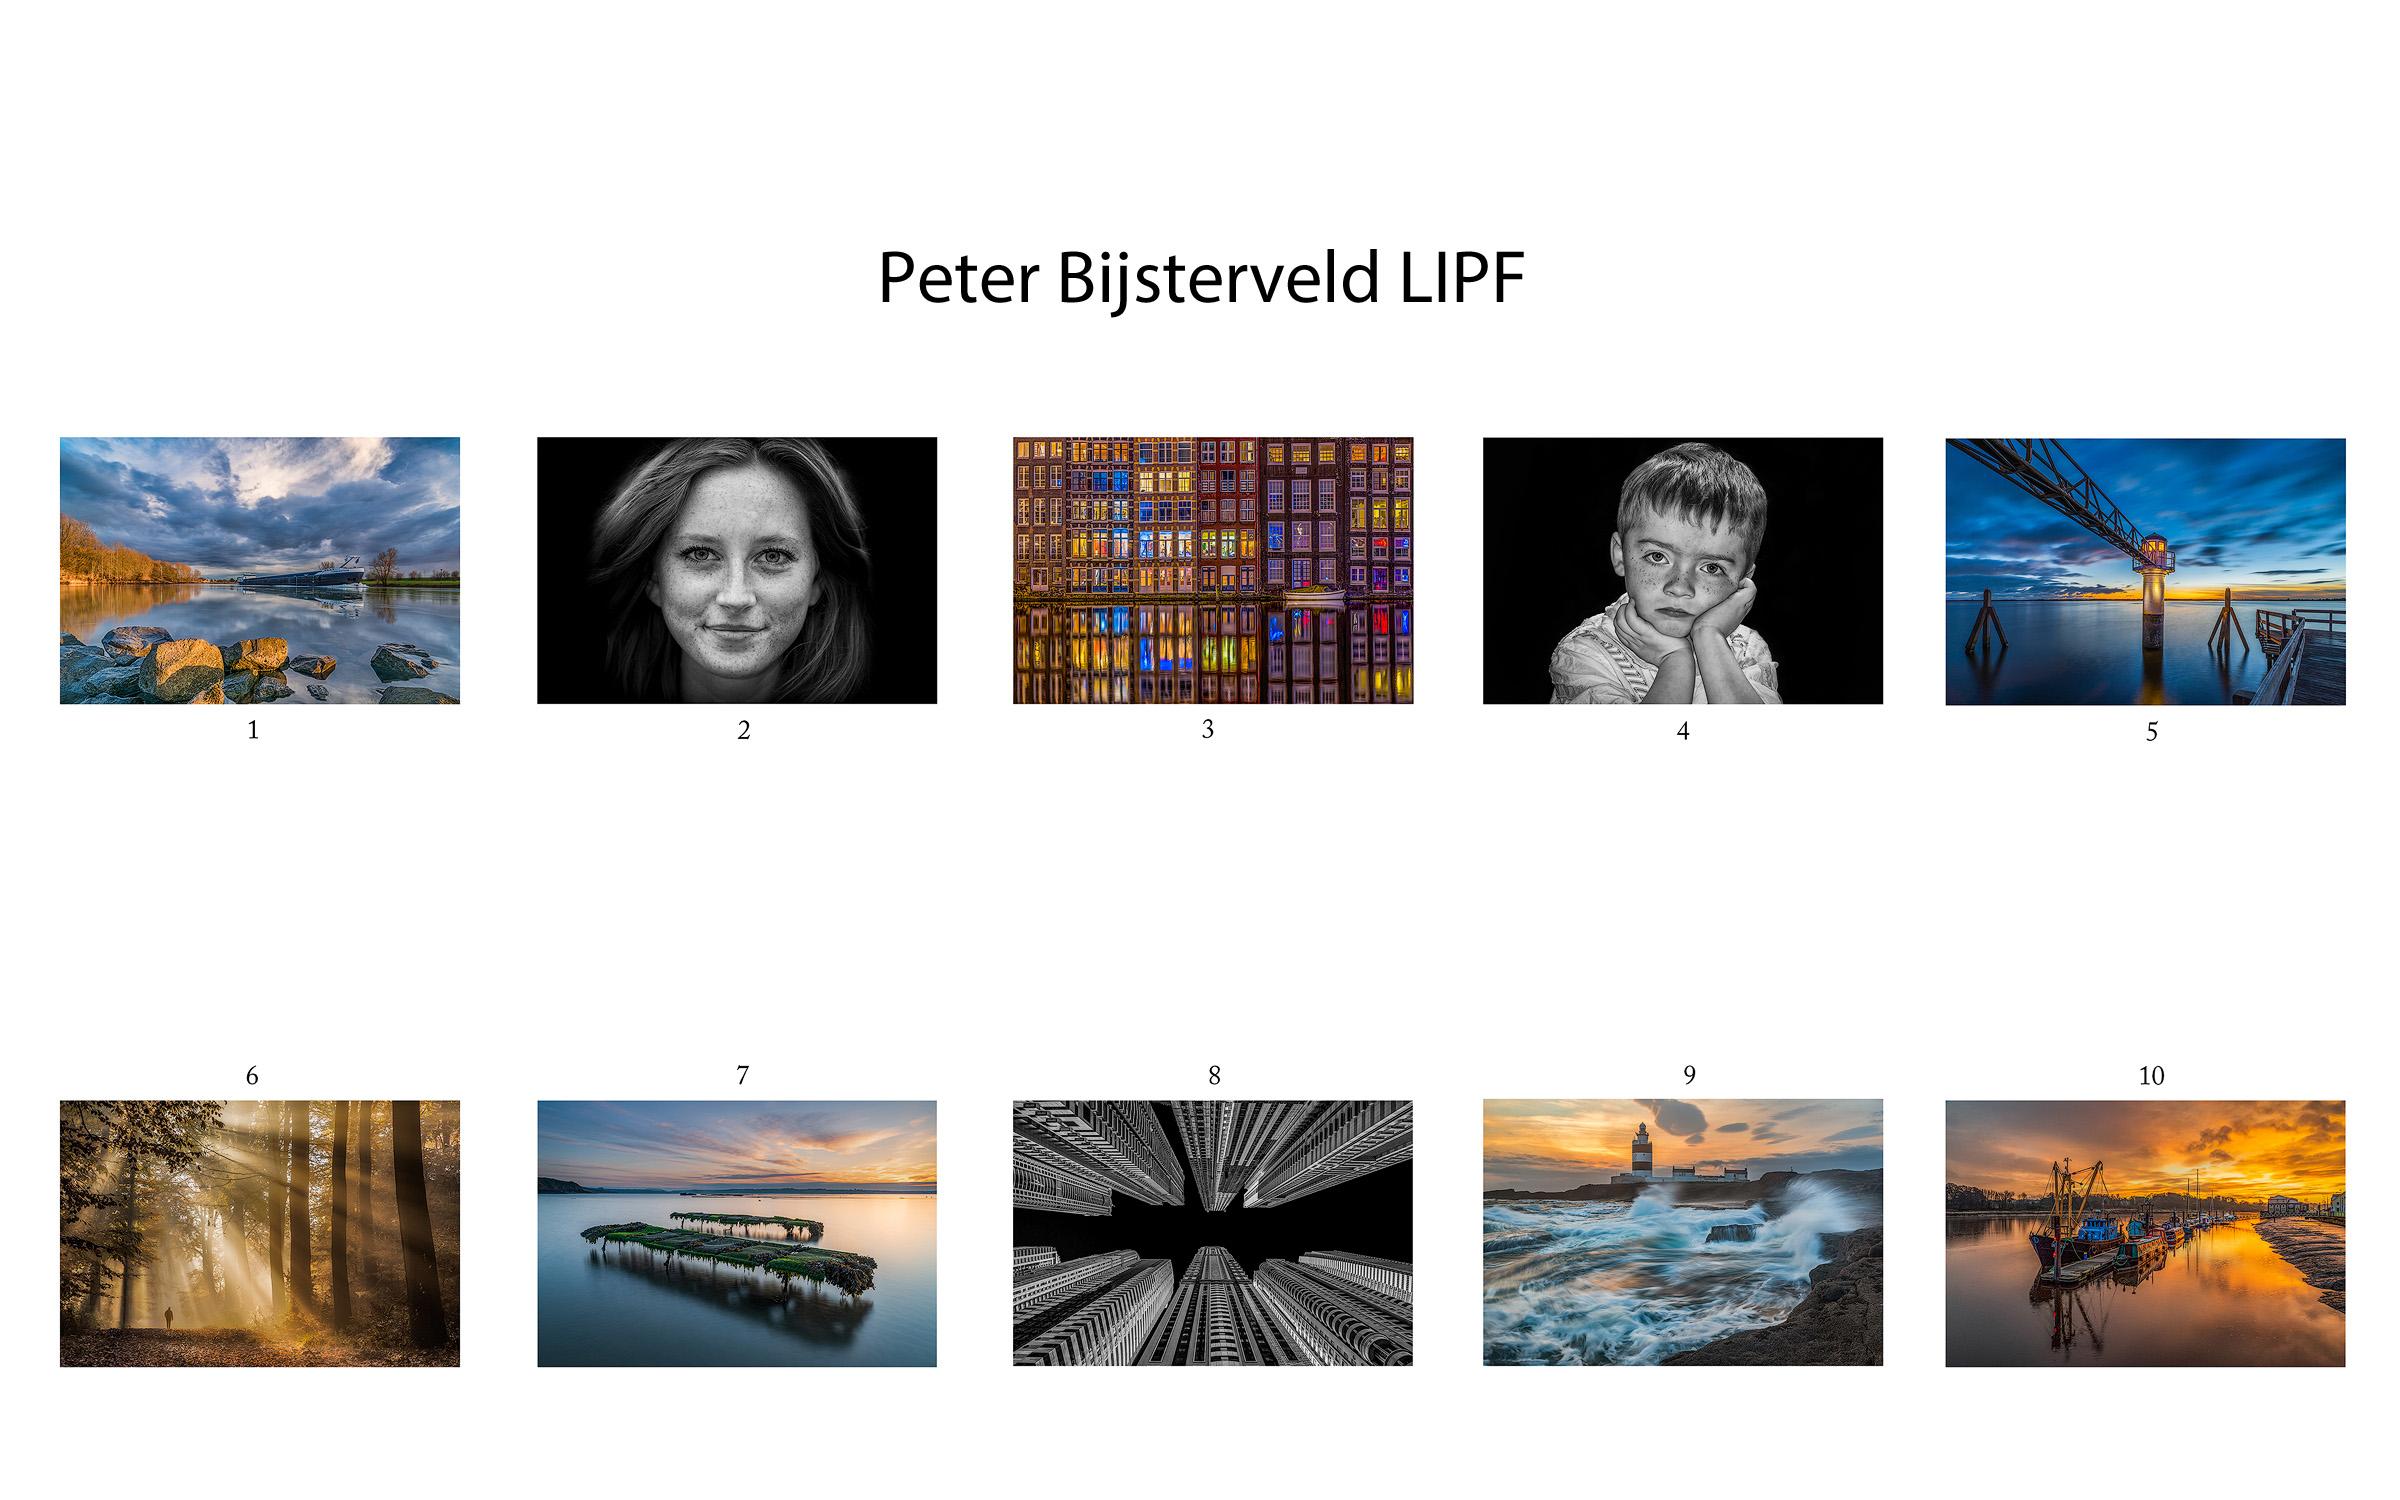 Peter Bjisterveld, LIPF, Waterford Camera Club